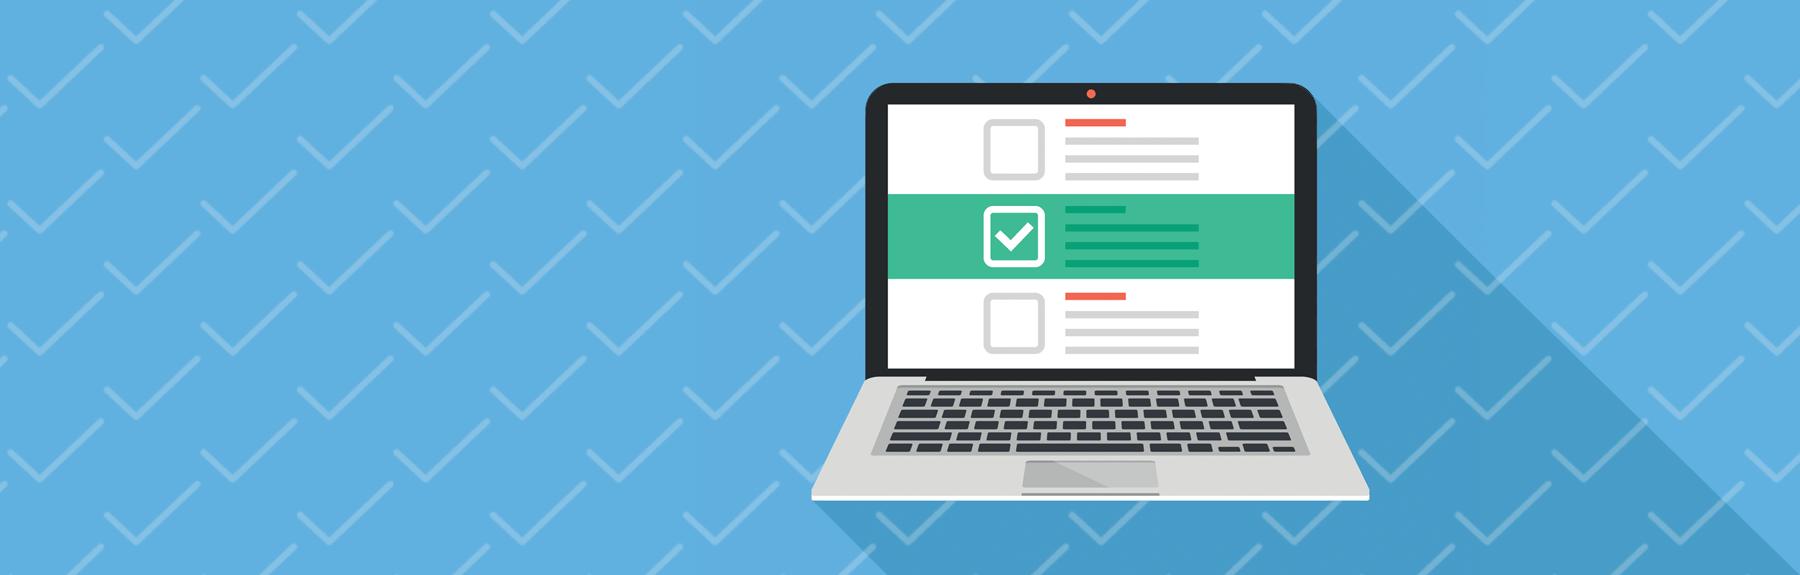 ux-checklist-best-design-process-header